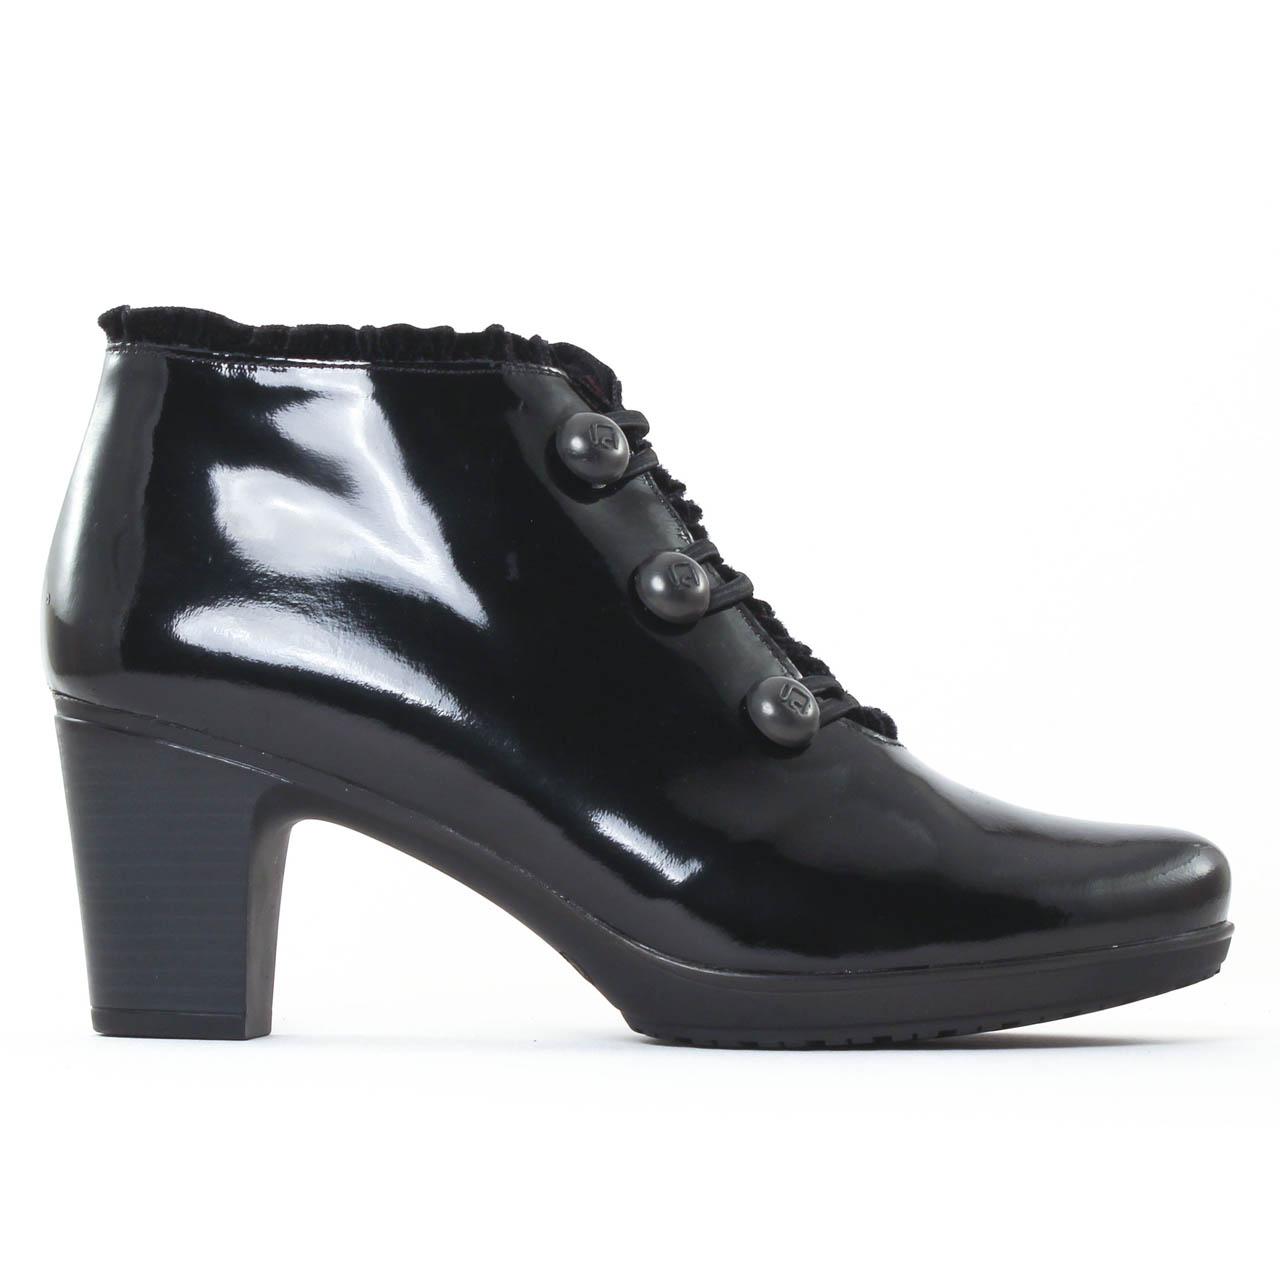 jose saenz 5058 noir low boots vernis noir automne hiver. Black Bedroom Furniture Sets. Home Design Ideas